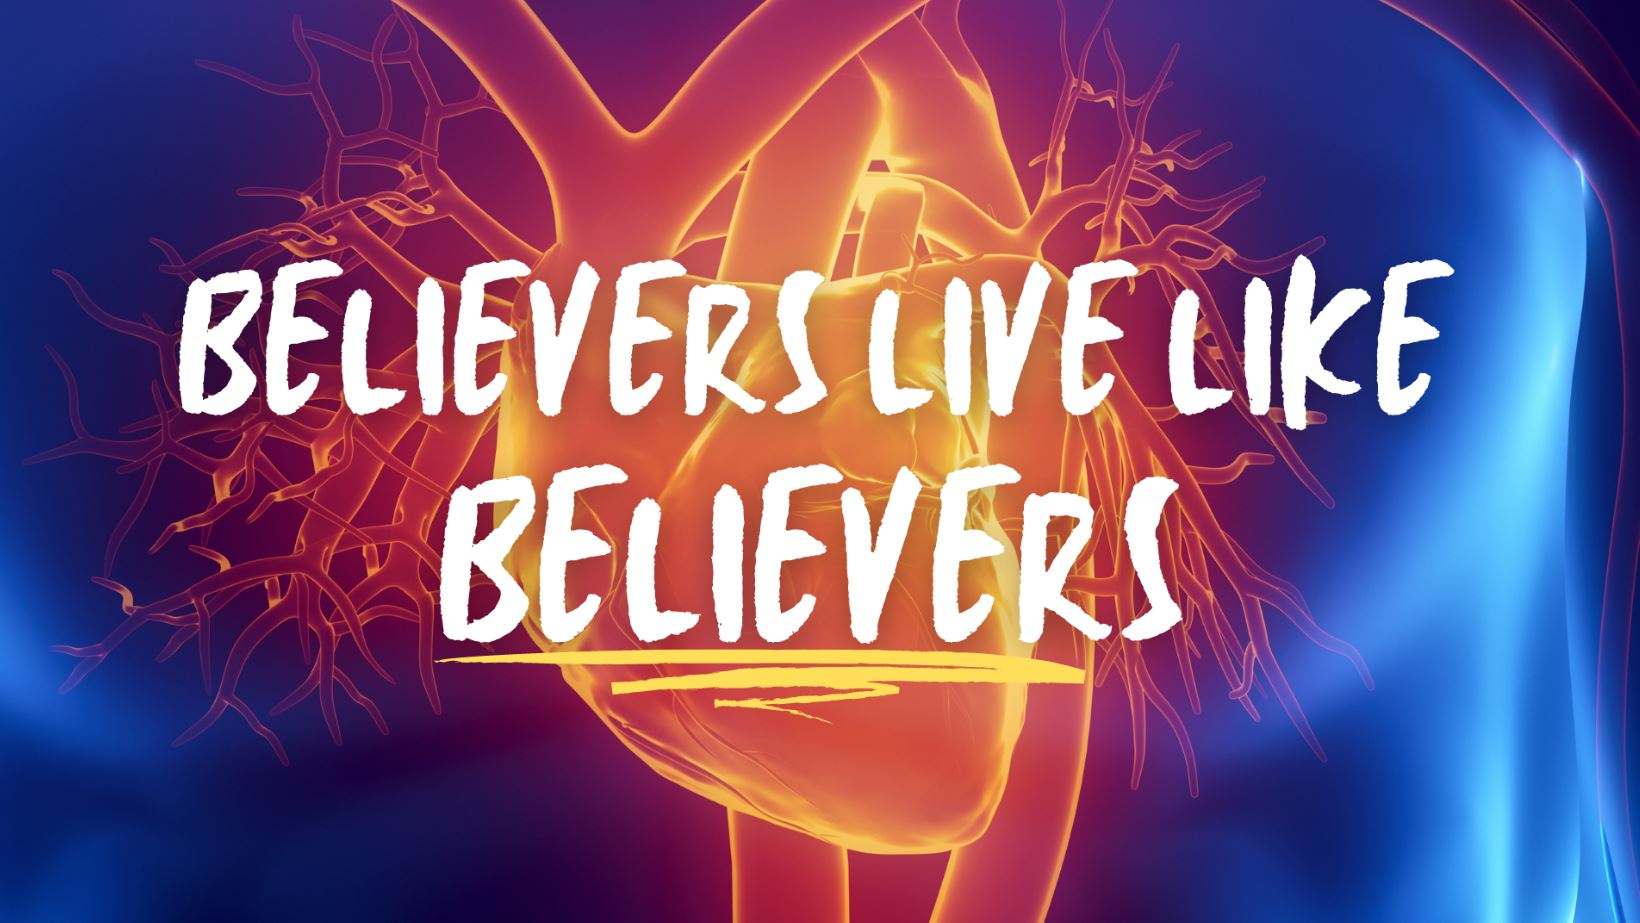 Believers live like believers